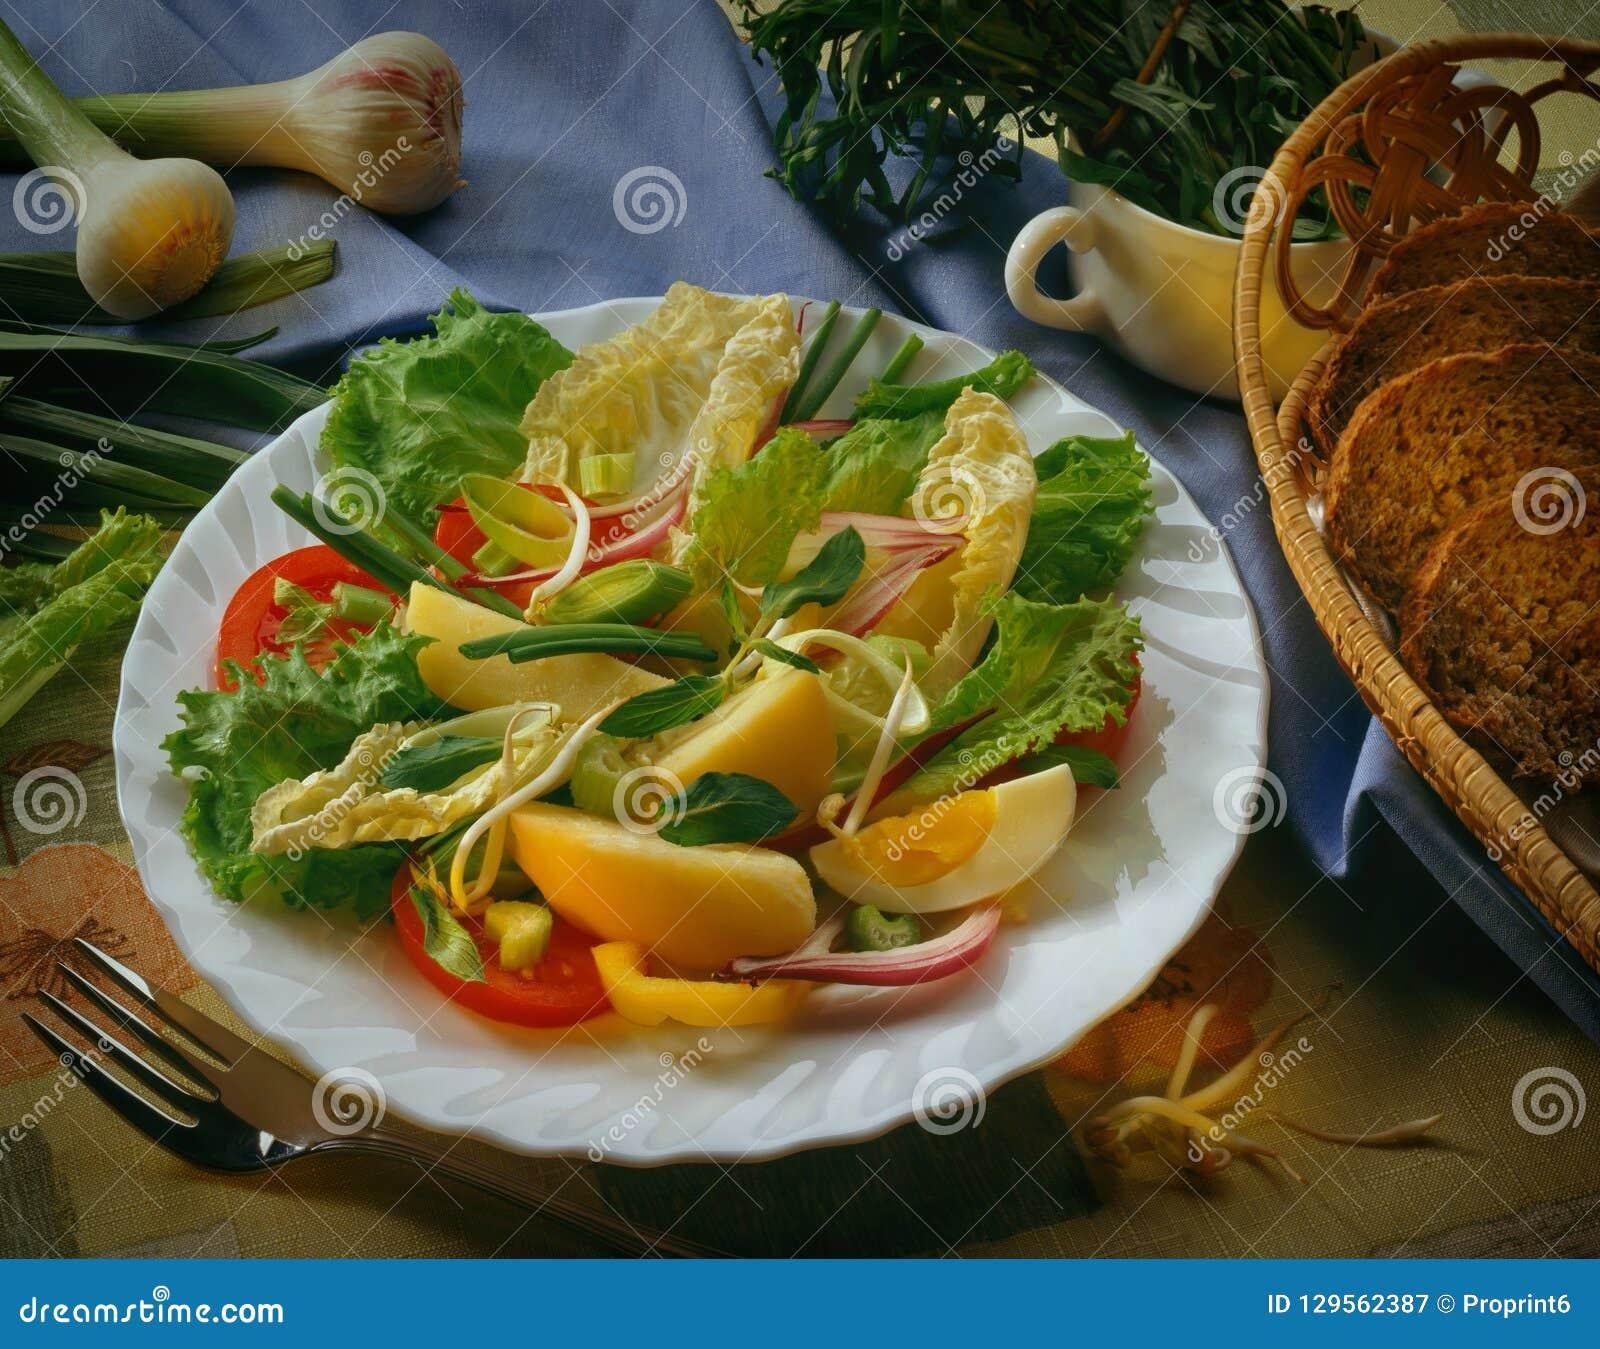 Ð ¡ аГ Ð°Ñ 'из Plantaardige Salade Ð ¾ Ð ² Ð ¾ Ñ ‰ Ð?Ð ¹